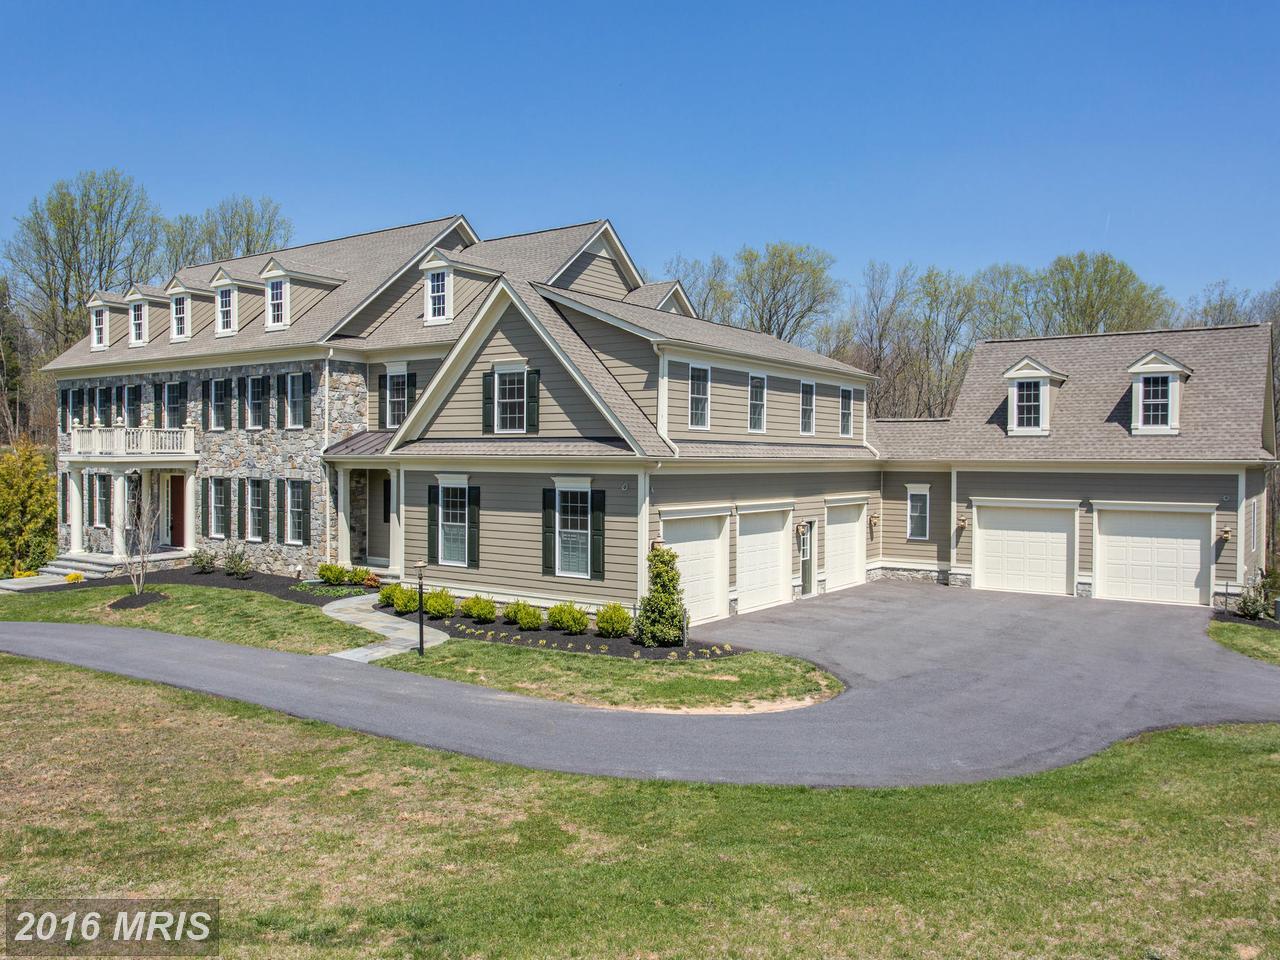 Luxury Homes for sale in Germantown, MD | Germantown MLS ...